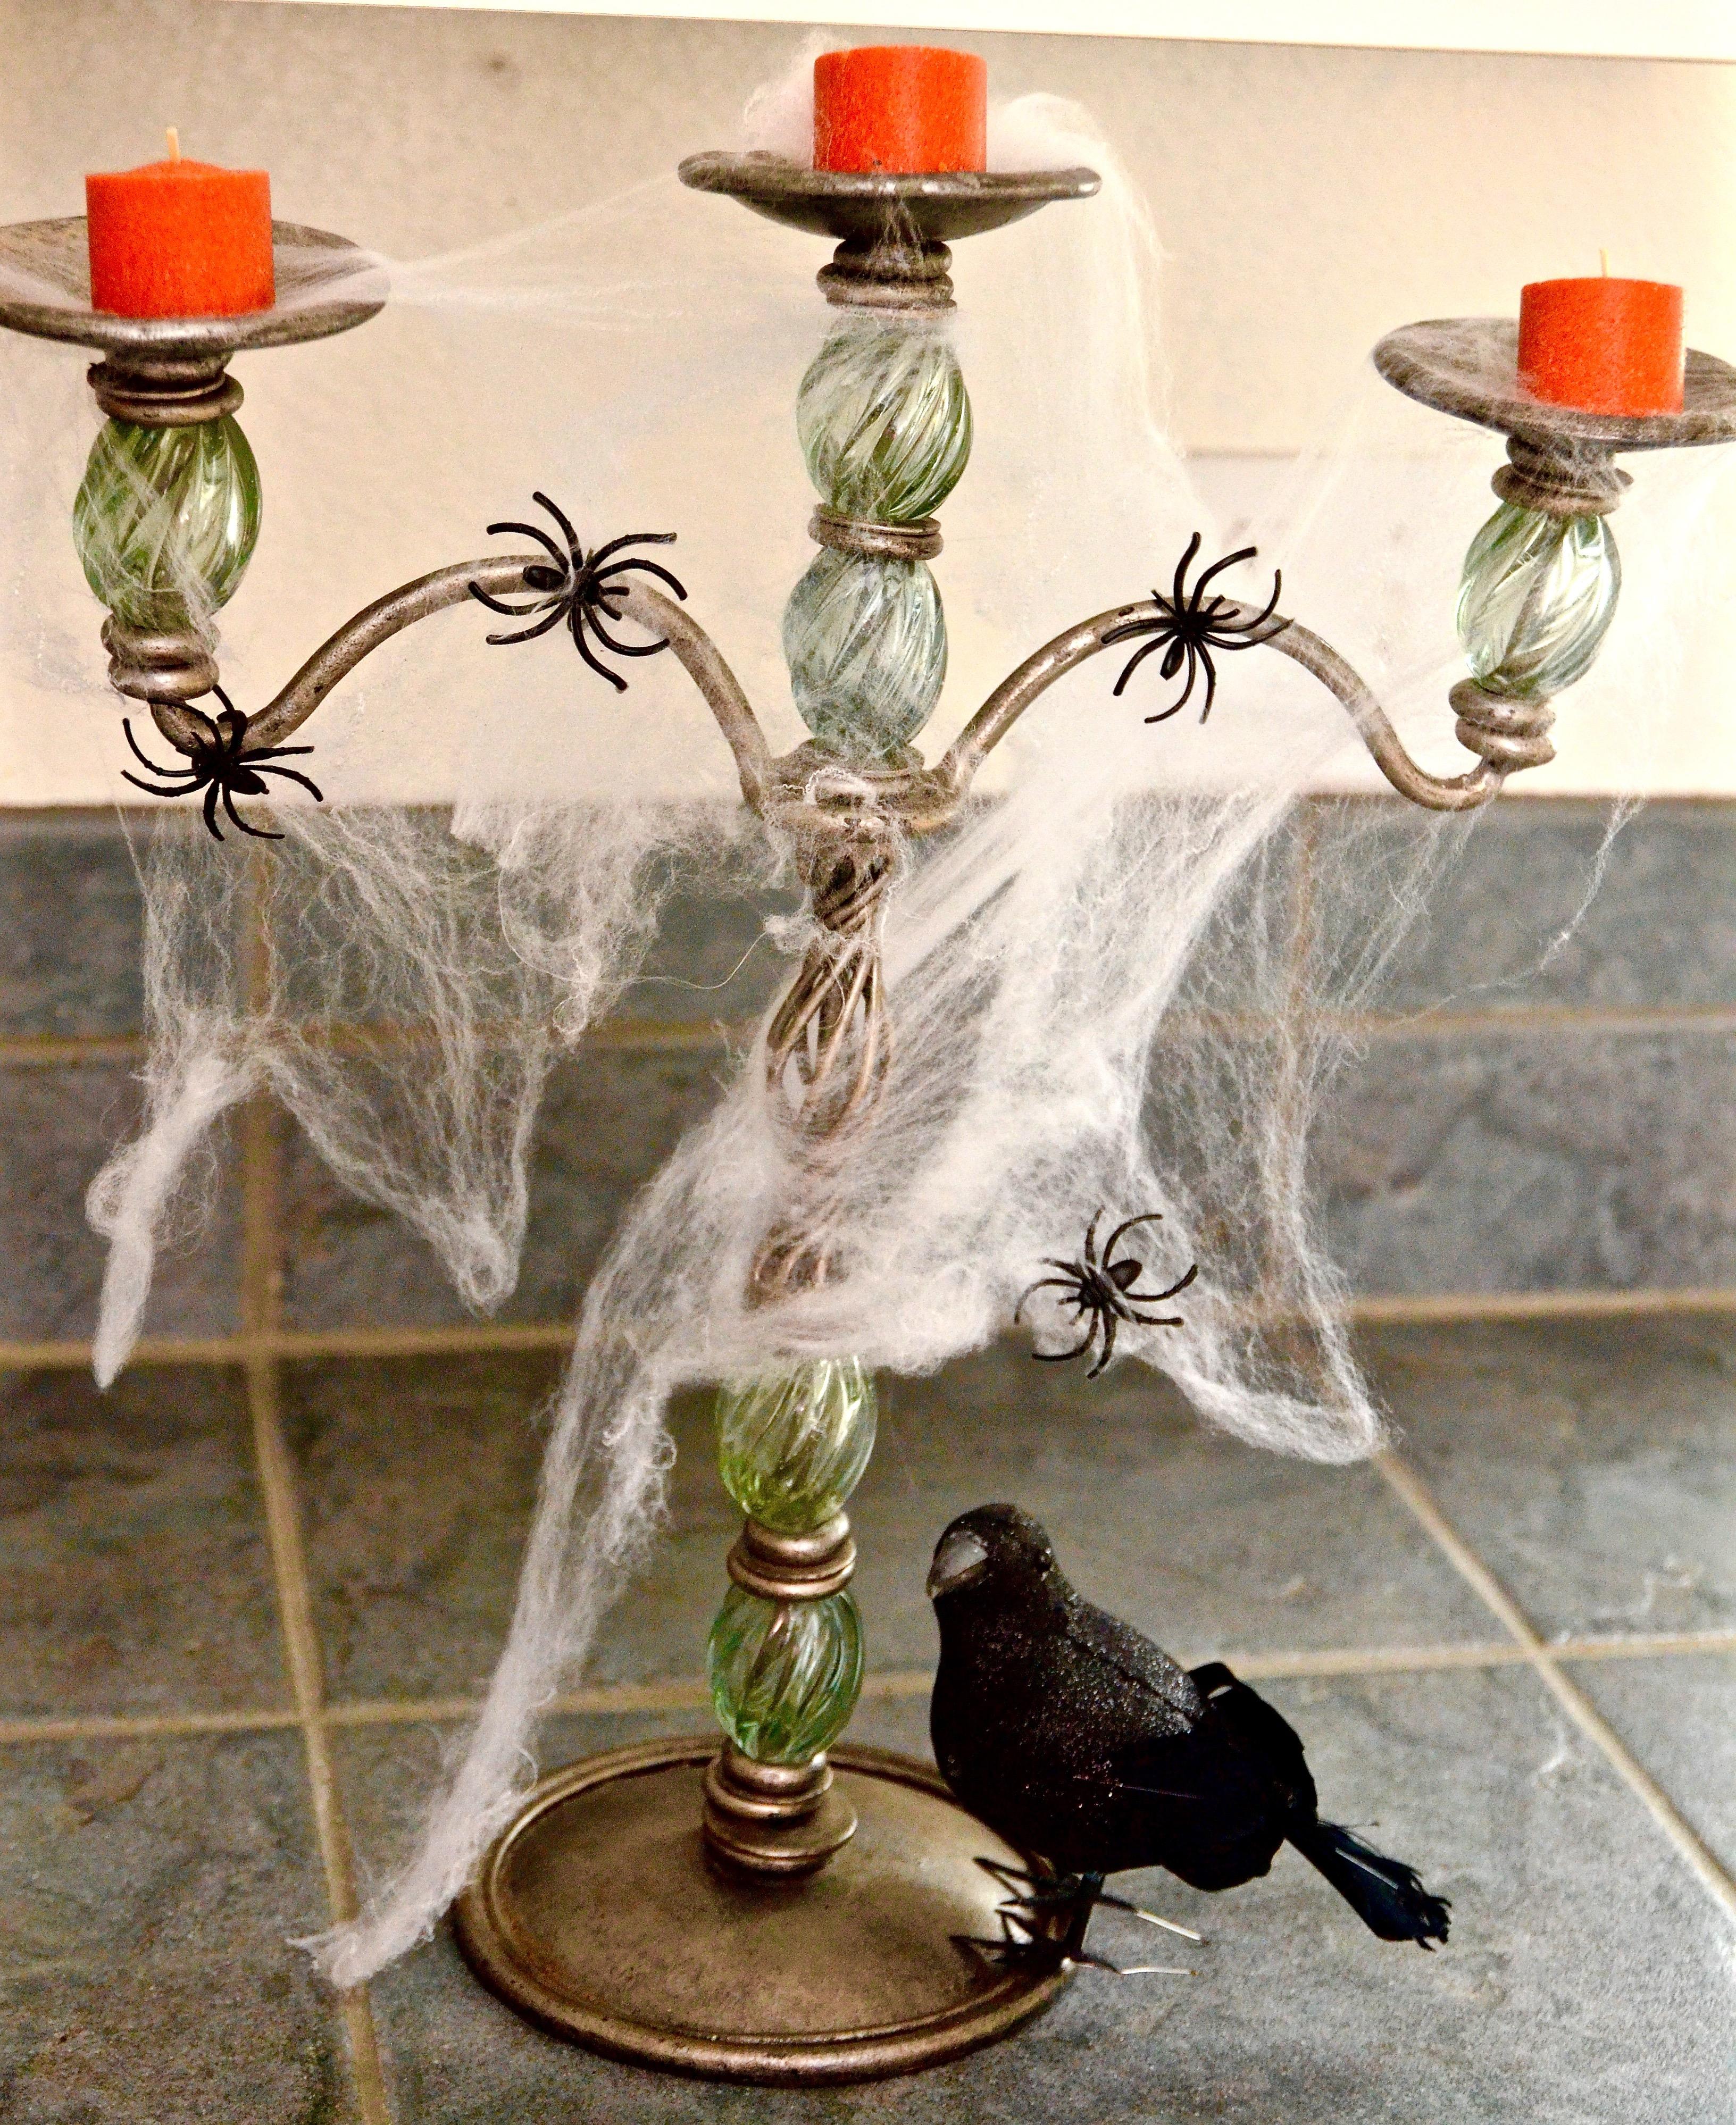 Spooky Halloween Décor…Easy & Cheap DIY Projects